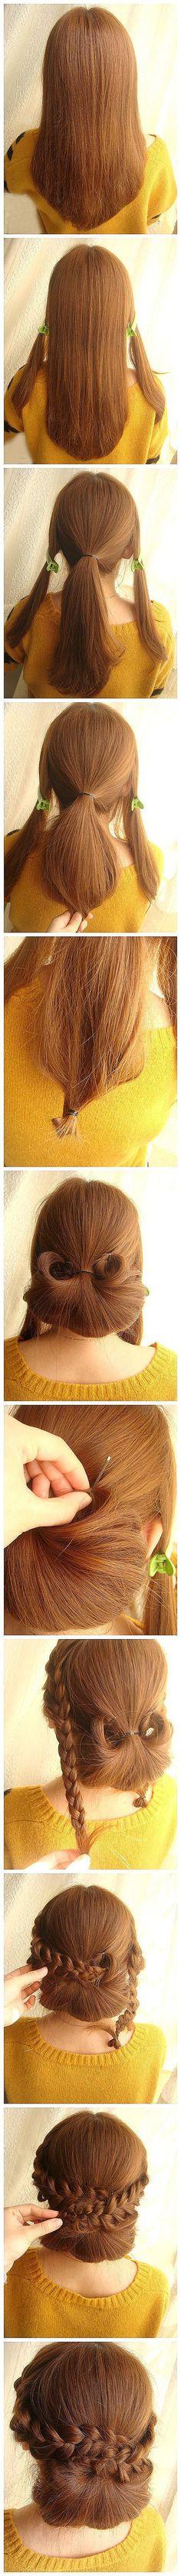 girl hair, hair tutorials, long hair, wedding hairs, old styles, hairstyl, braid hair, thick hair, hair buns